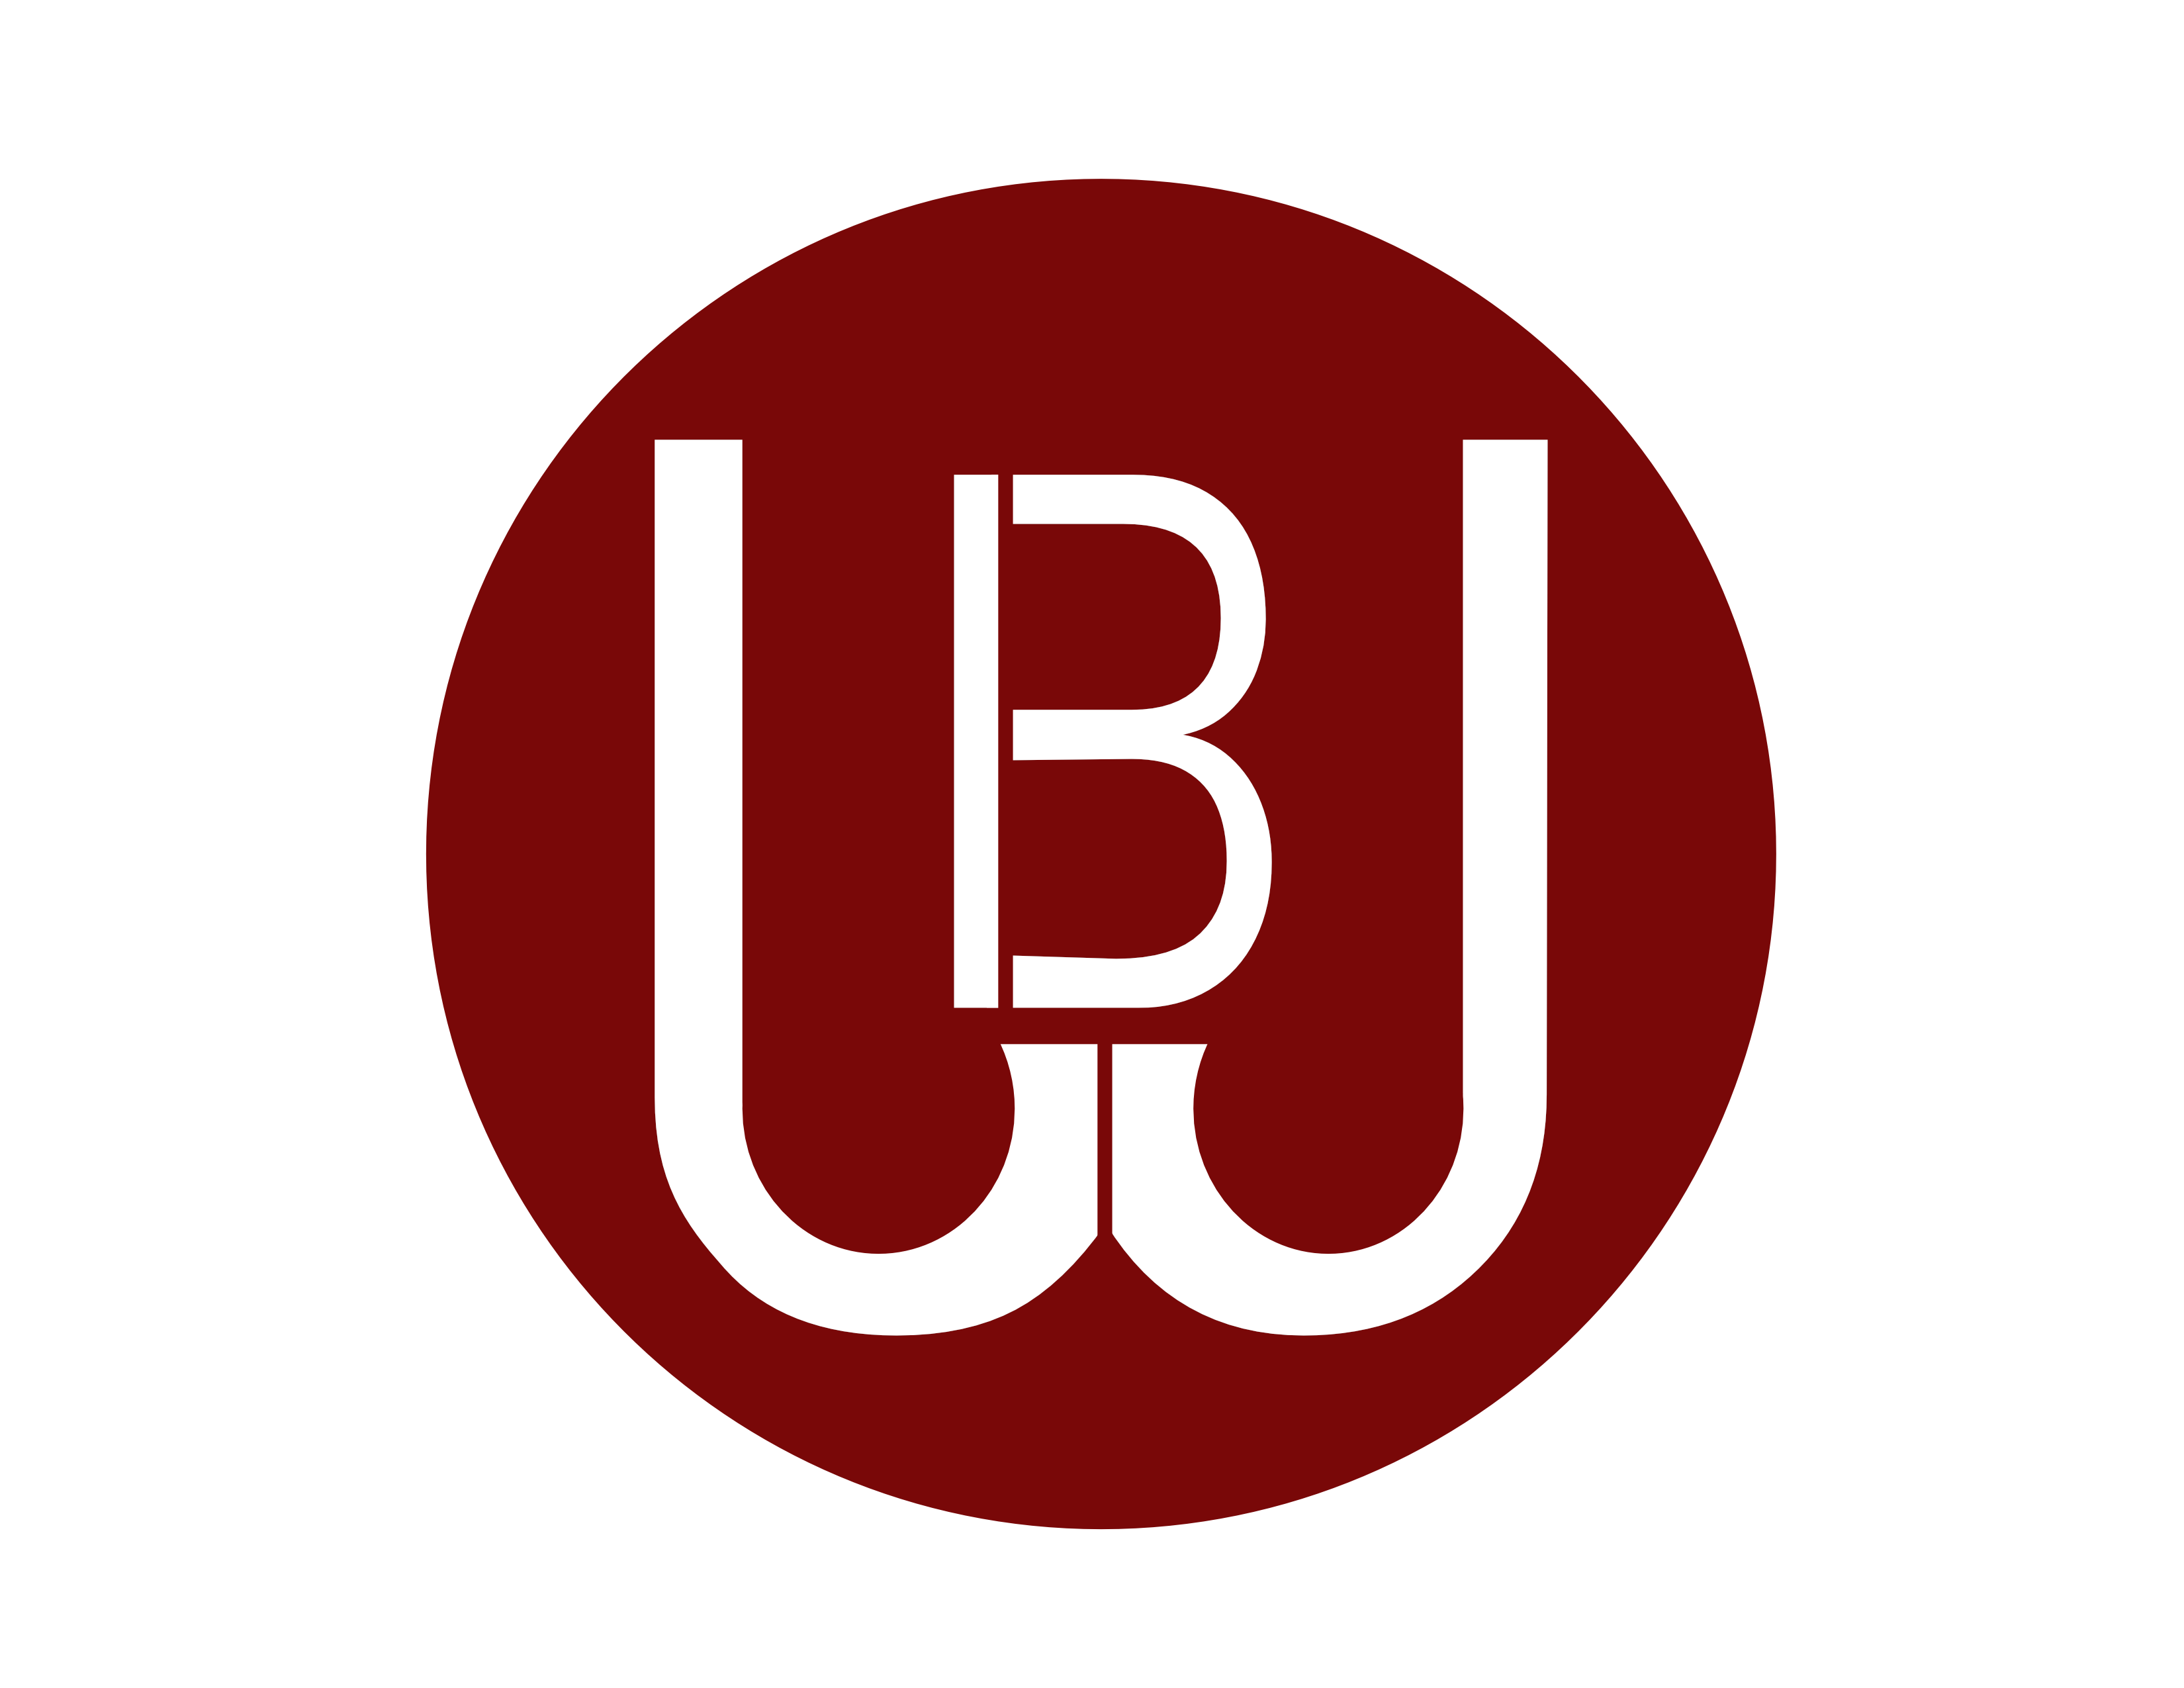 Weine Balthasar-Logo